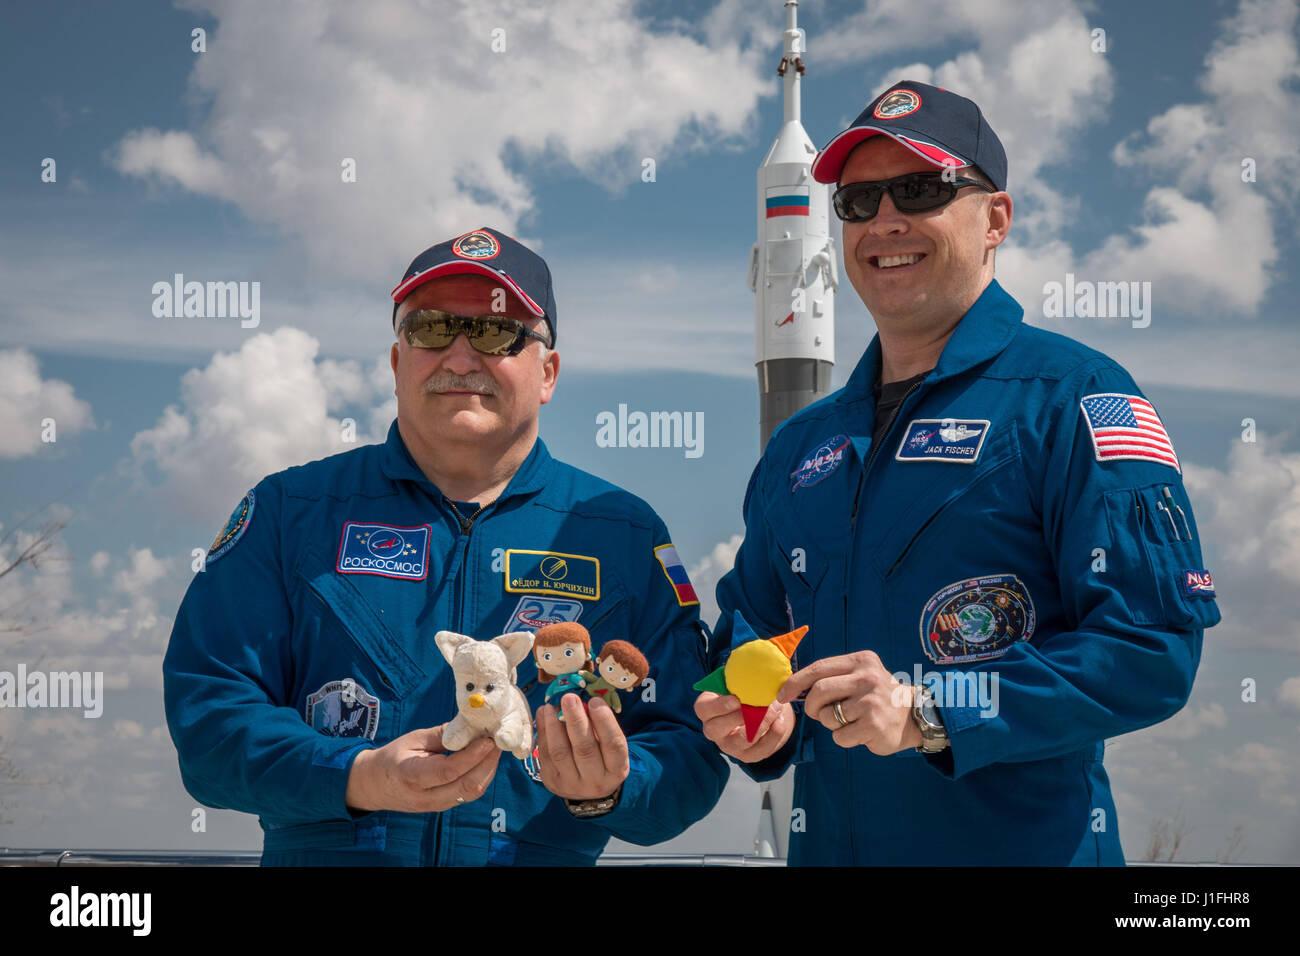 NASA internationale Raumstation Expedition 51 Sojus MS-04 Mission prime Crew Mitglieder russischen Kosmonauten Fyodor Stockbild